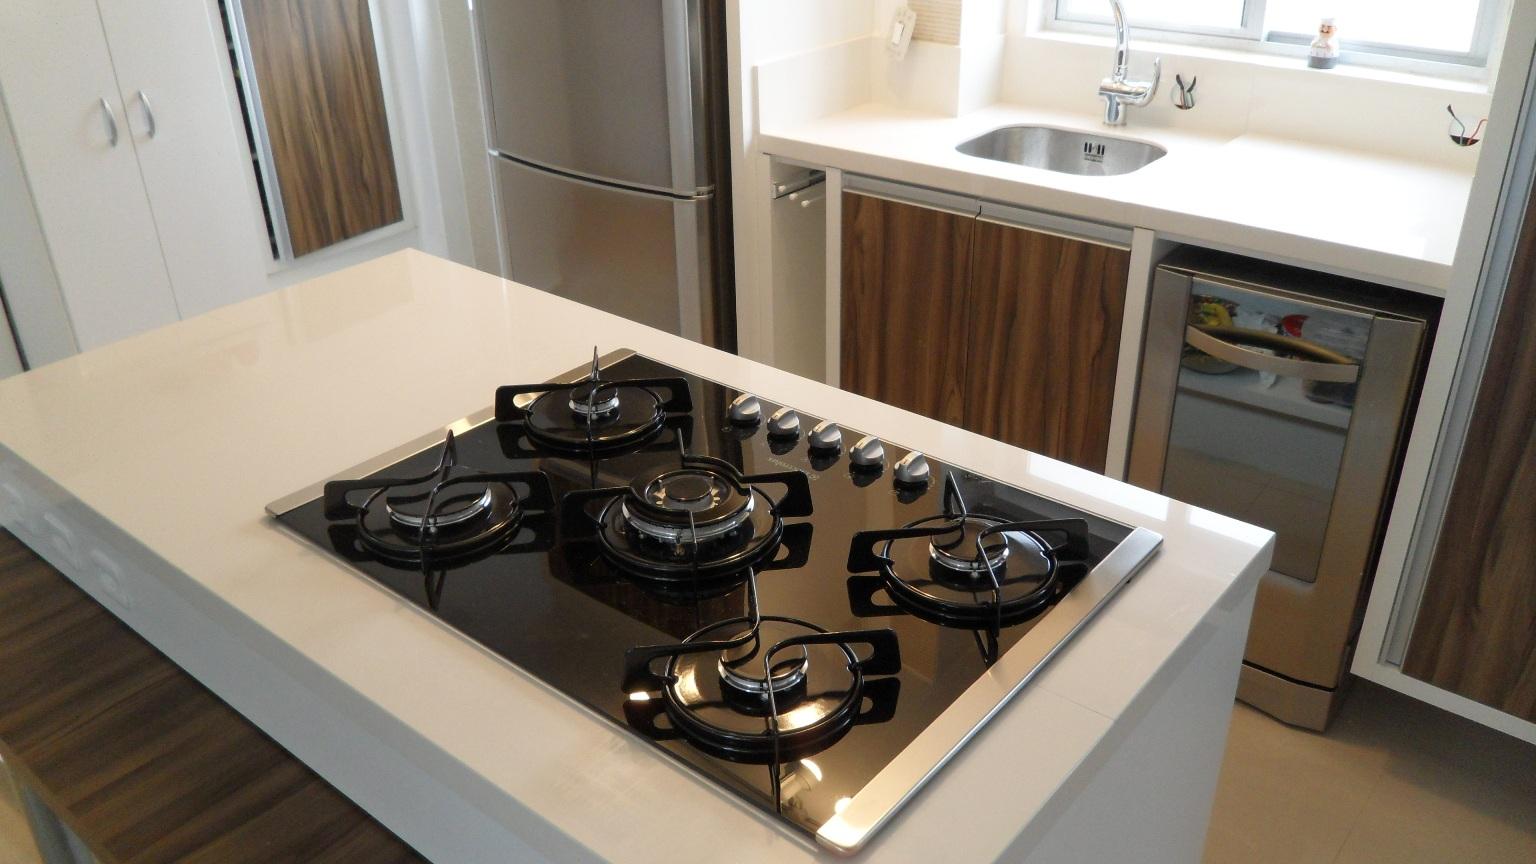 #5F4932  porcelanato.: Bancada cozinha com ilha e cooktop. Porcelanato 1536x864 px Bancada De Cozinha Americana De Porcelanato #1349 imagens